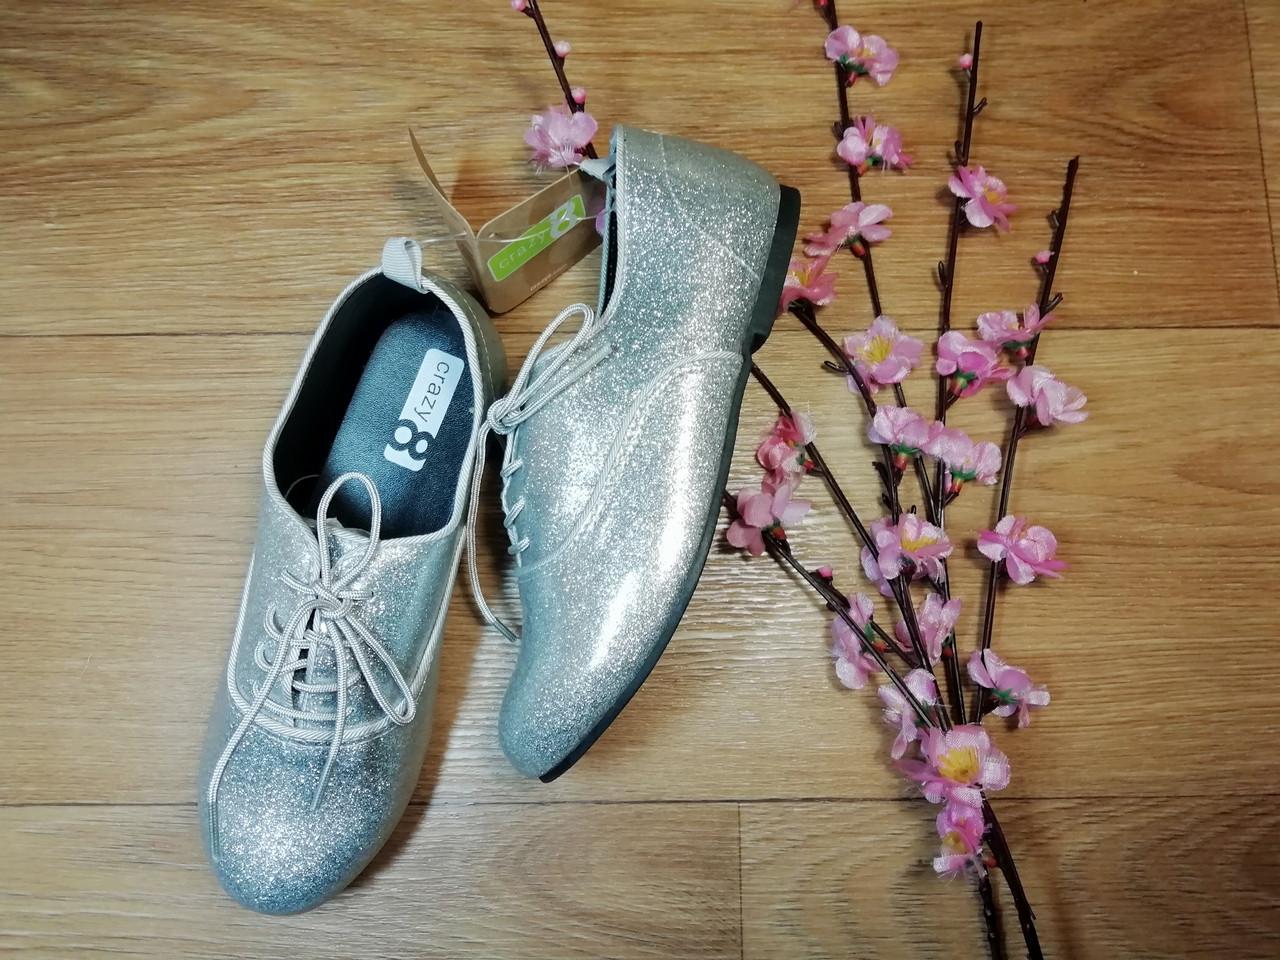 Сріблясті стильні туфлі на шнурках Crazy8 (США) (Розмір 20 см)